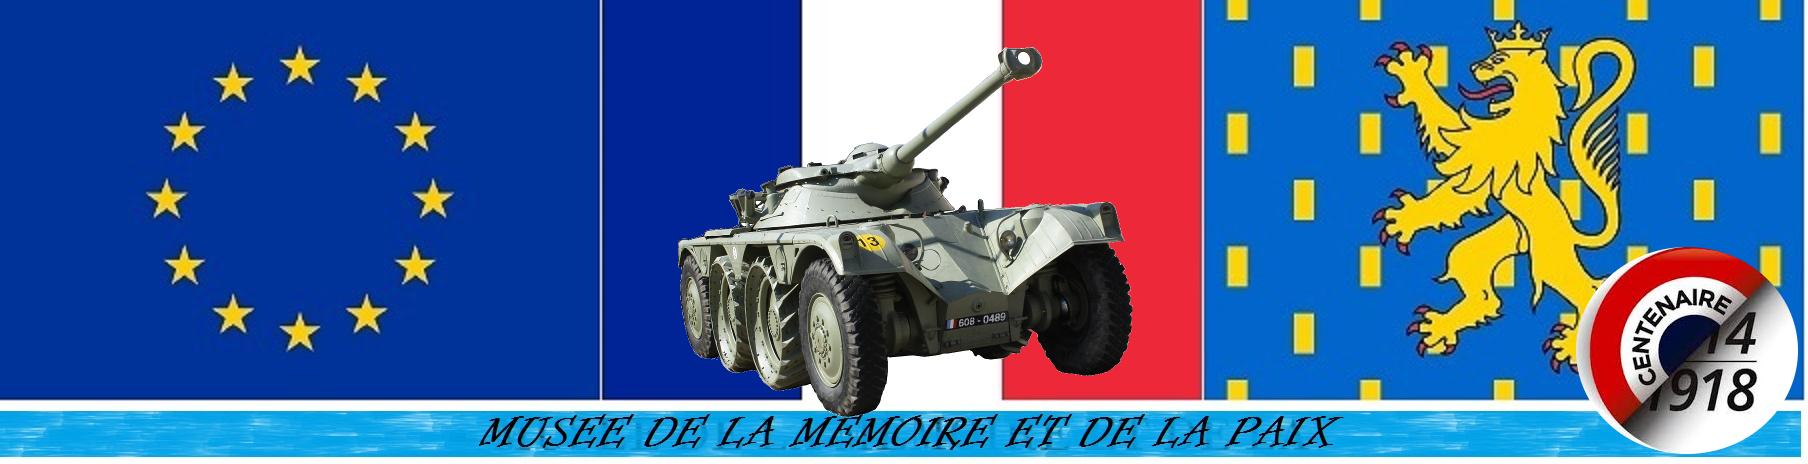 site gratuit de rencontres Calais